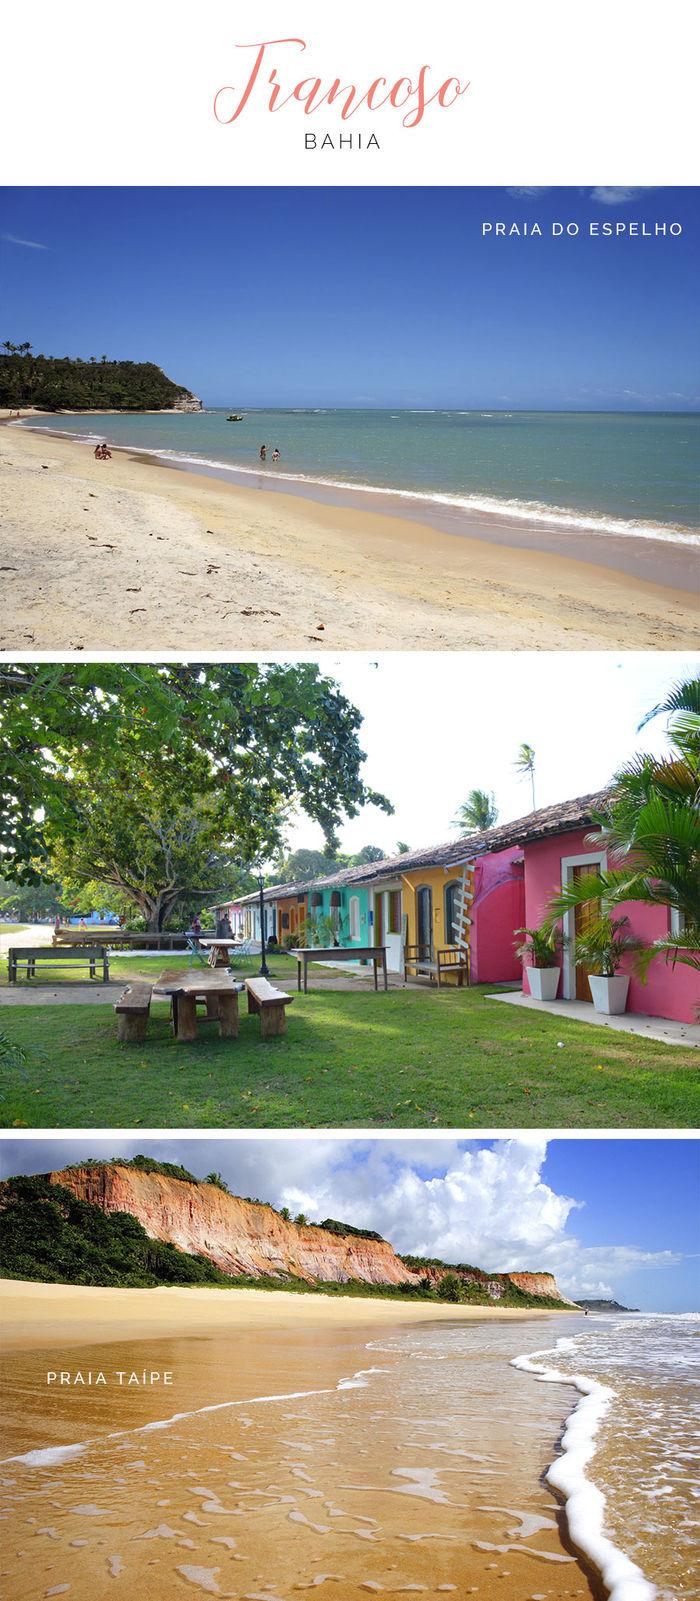 Destinos de praia em alta para o verão - Trancoso - Bahia